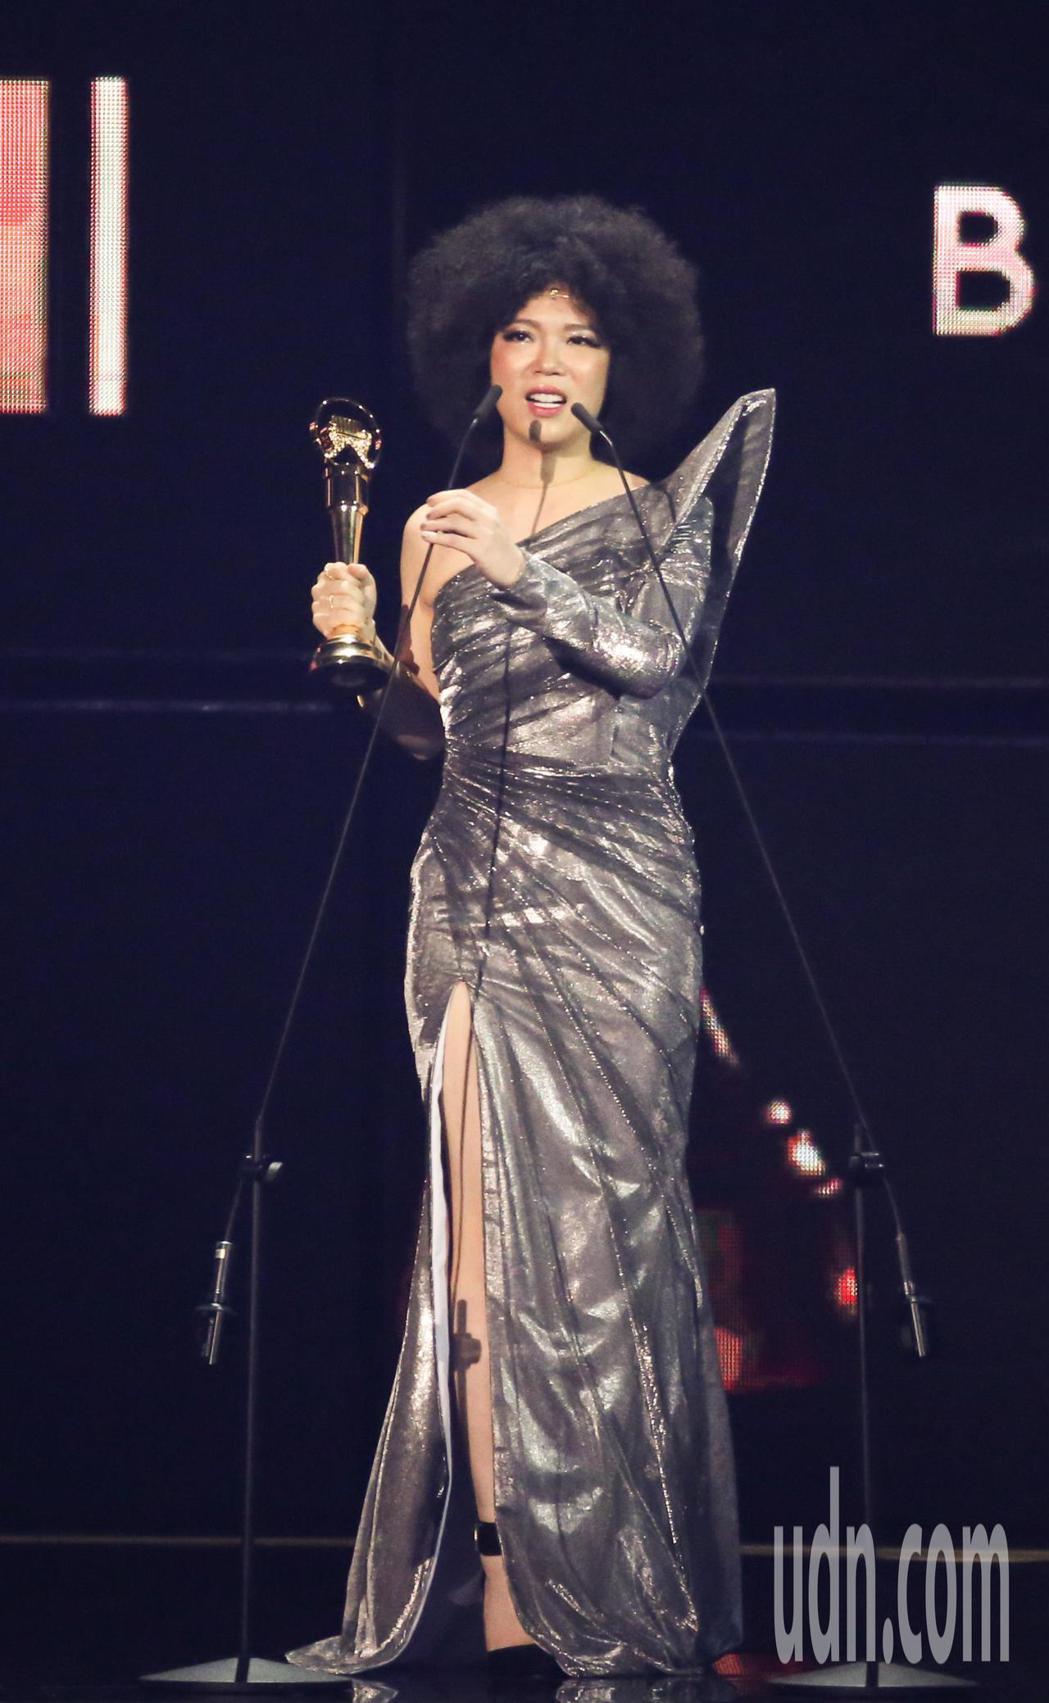 第30屆金曲獎,演奏類最佳作曲人獎由許郁瑛獲得。記者林伯東/攝影